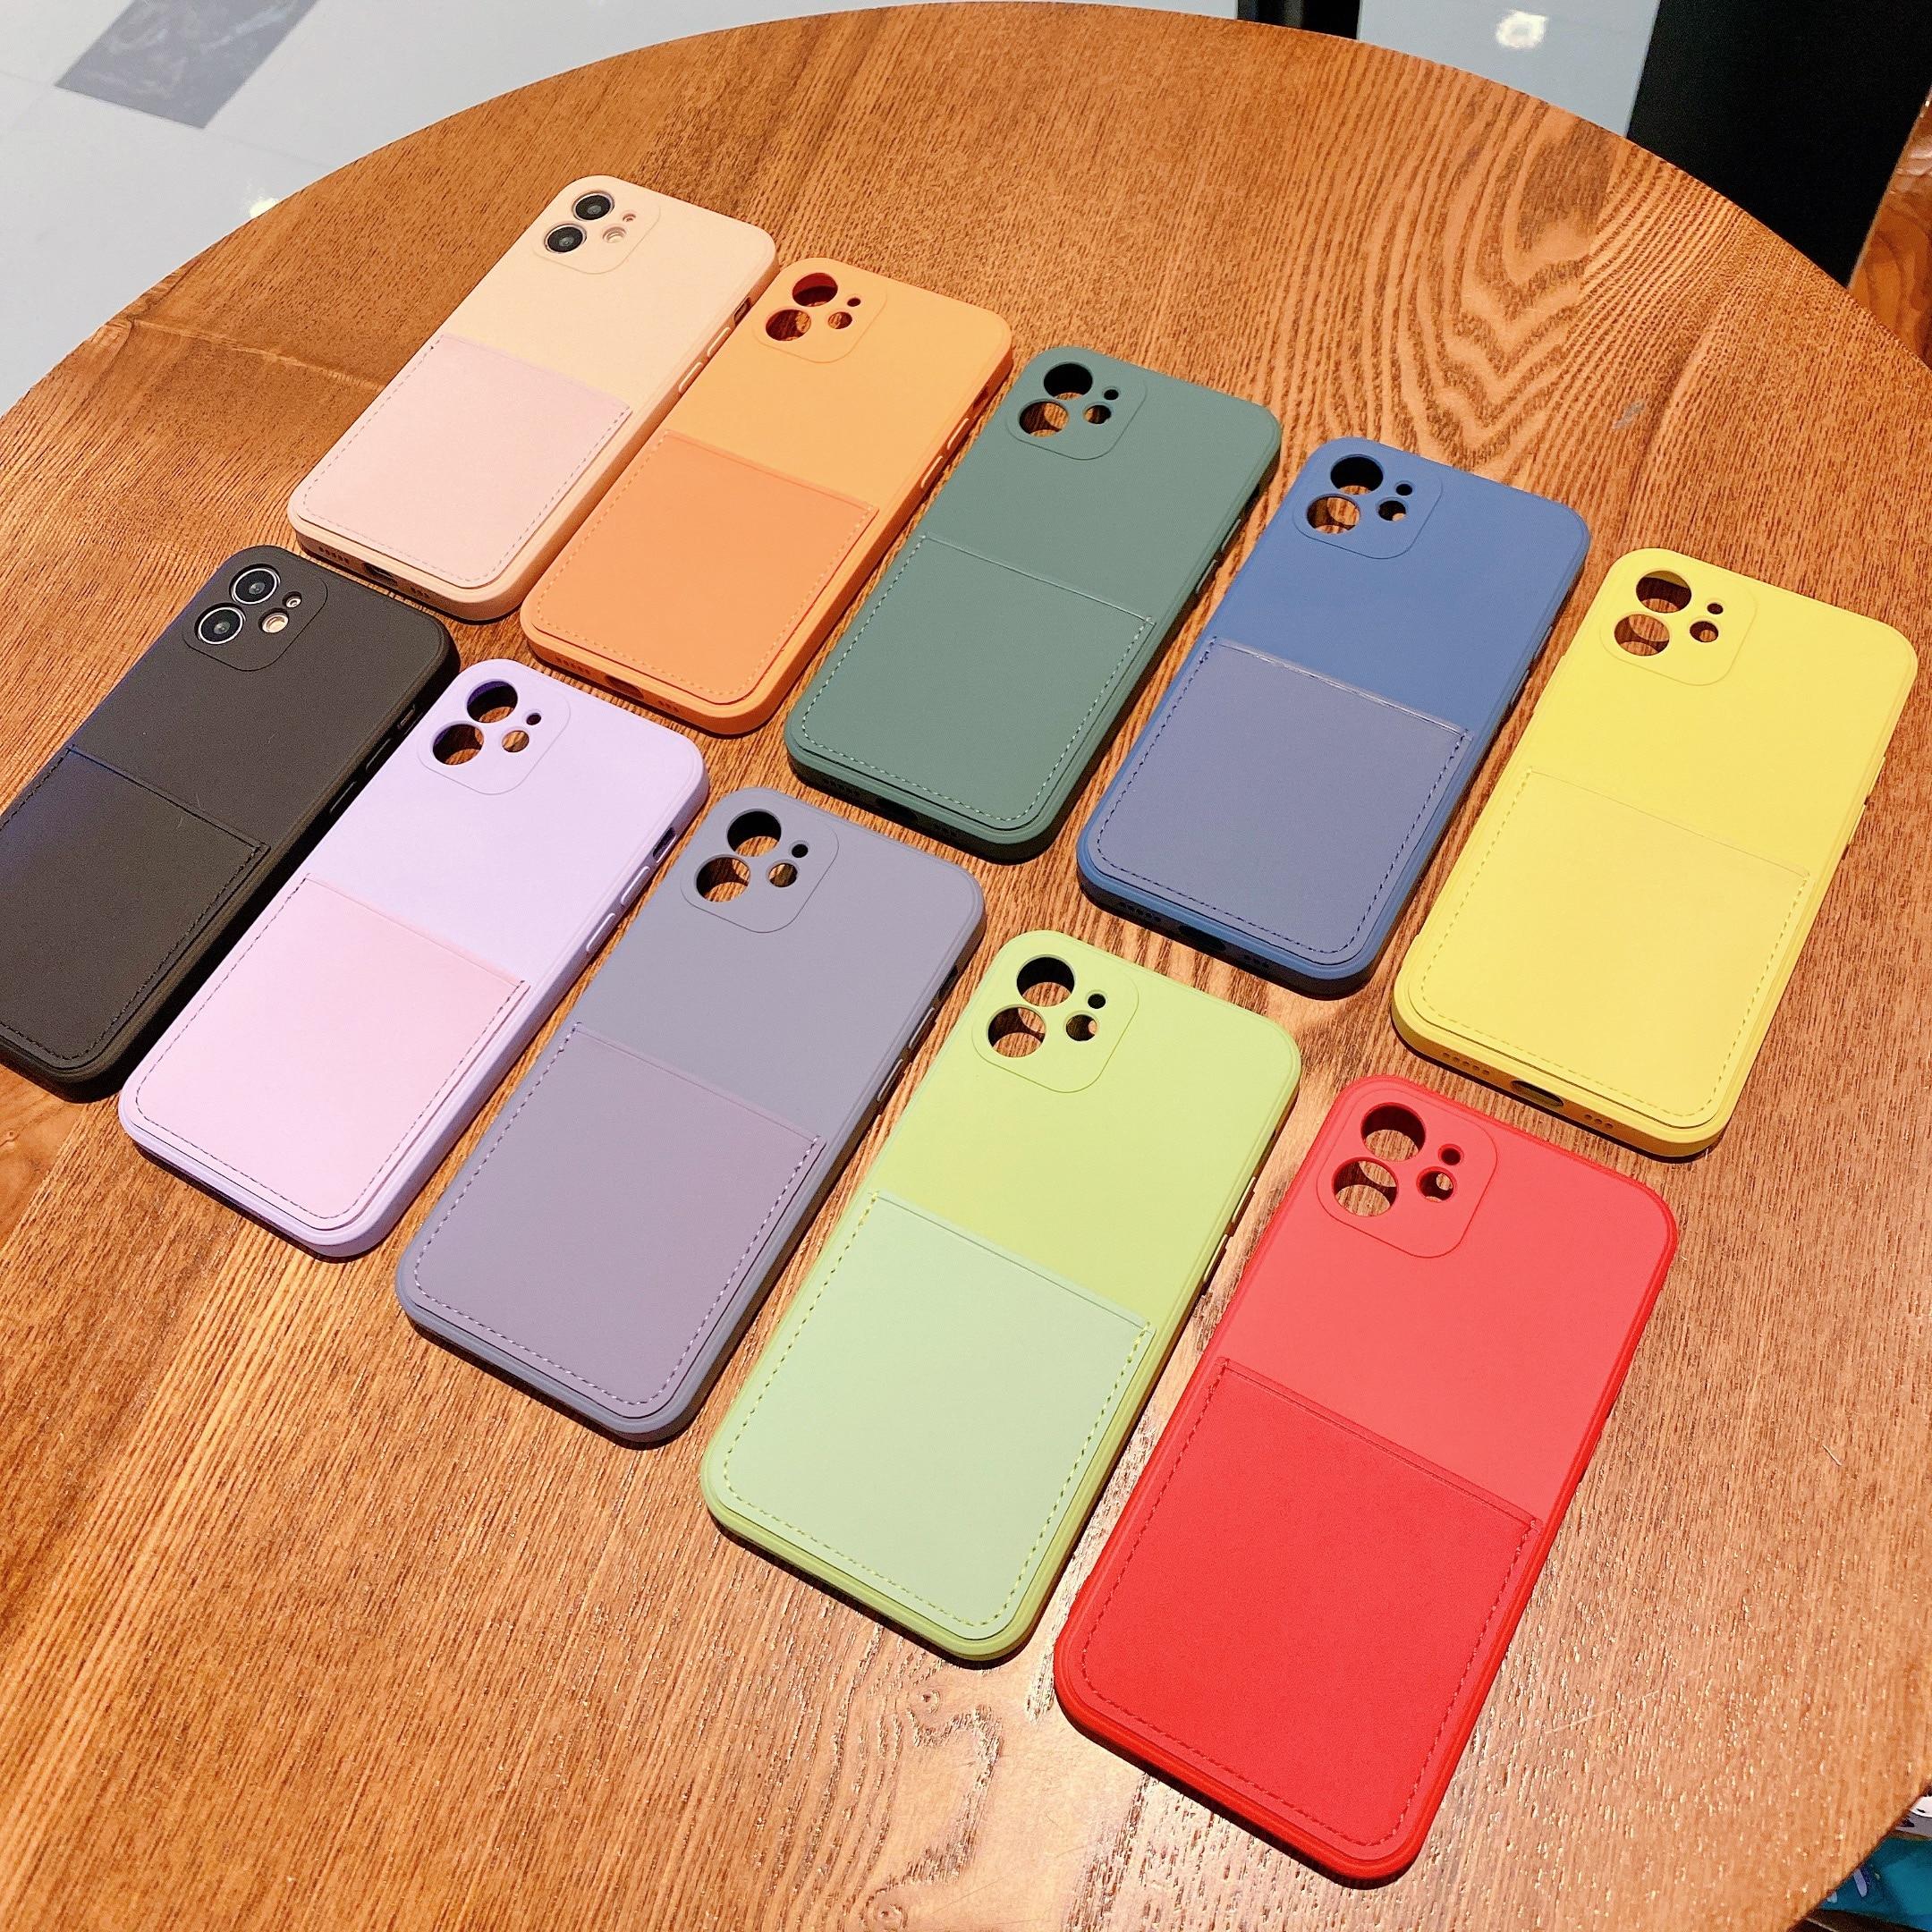 Silicone líquido caso de luxo para apple iphone 11 12 pro max mini se 2020 x xr xs max 7 8 plus cartão cinta titular capa caso escudo